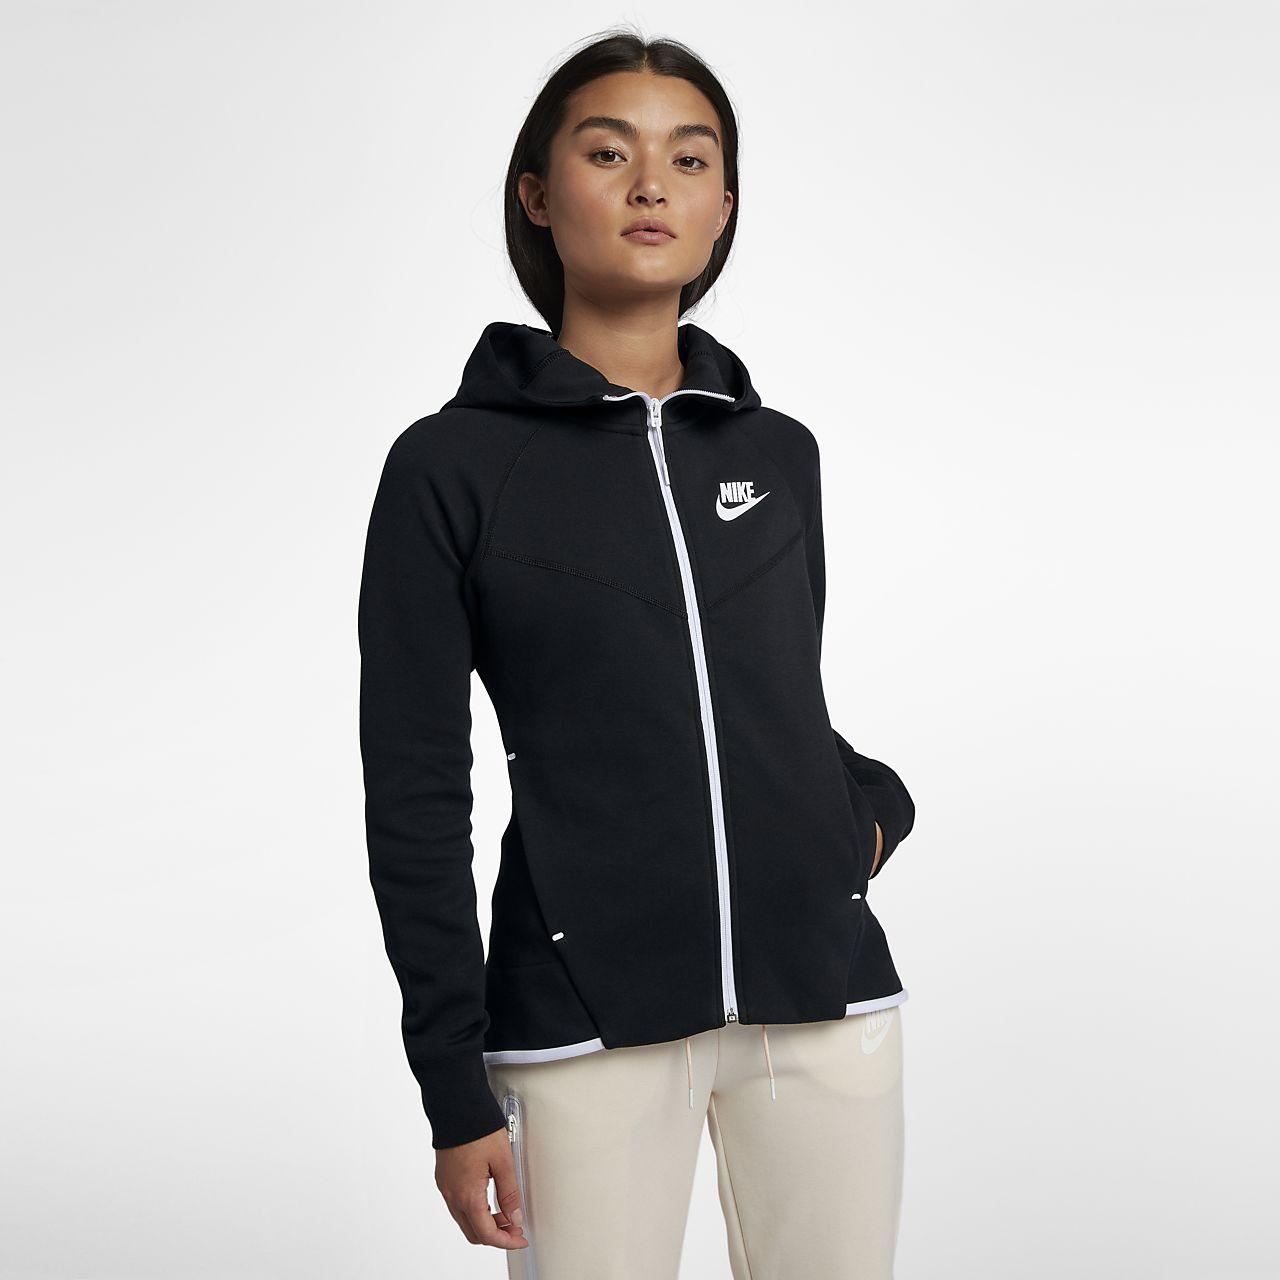 480cbfb85 ... Nike Sportswear Tech Fleece Windrunner Sudadera con capucha con  cremallera completa - Mujer